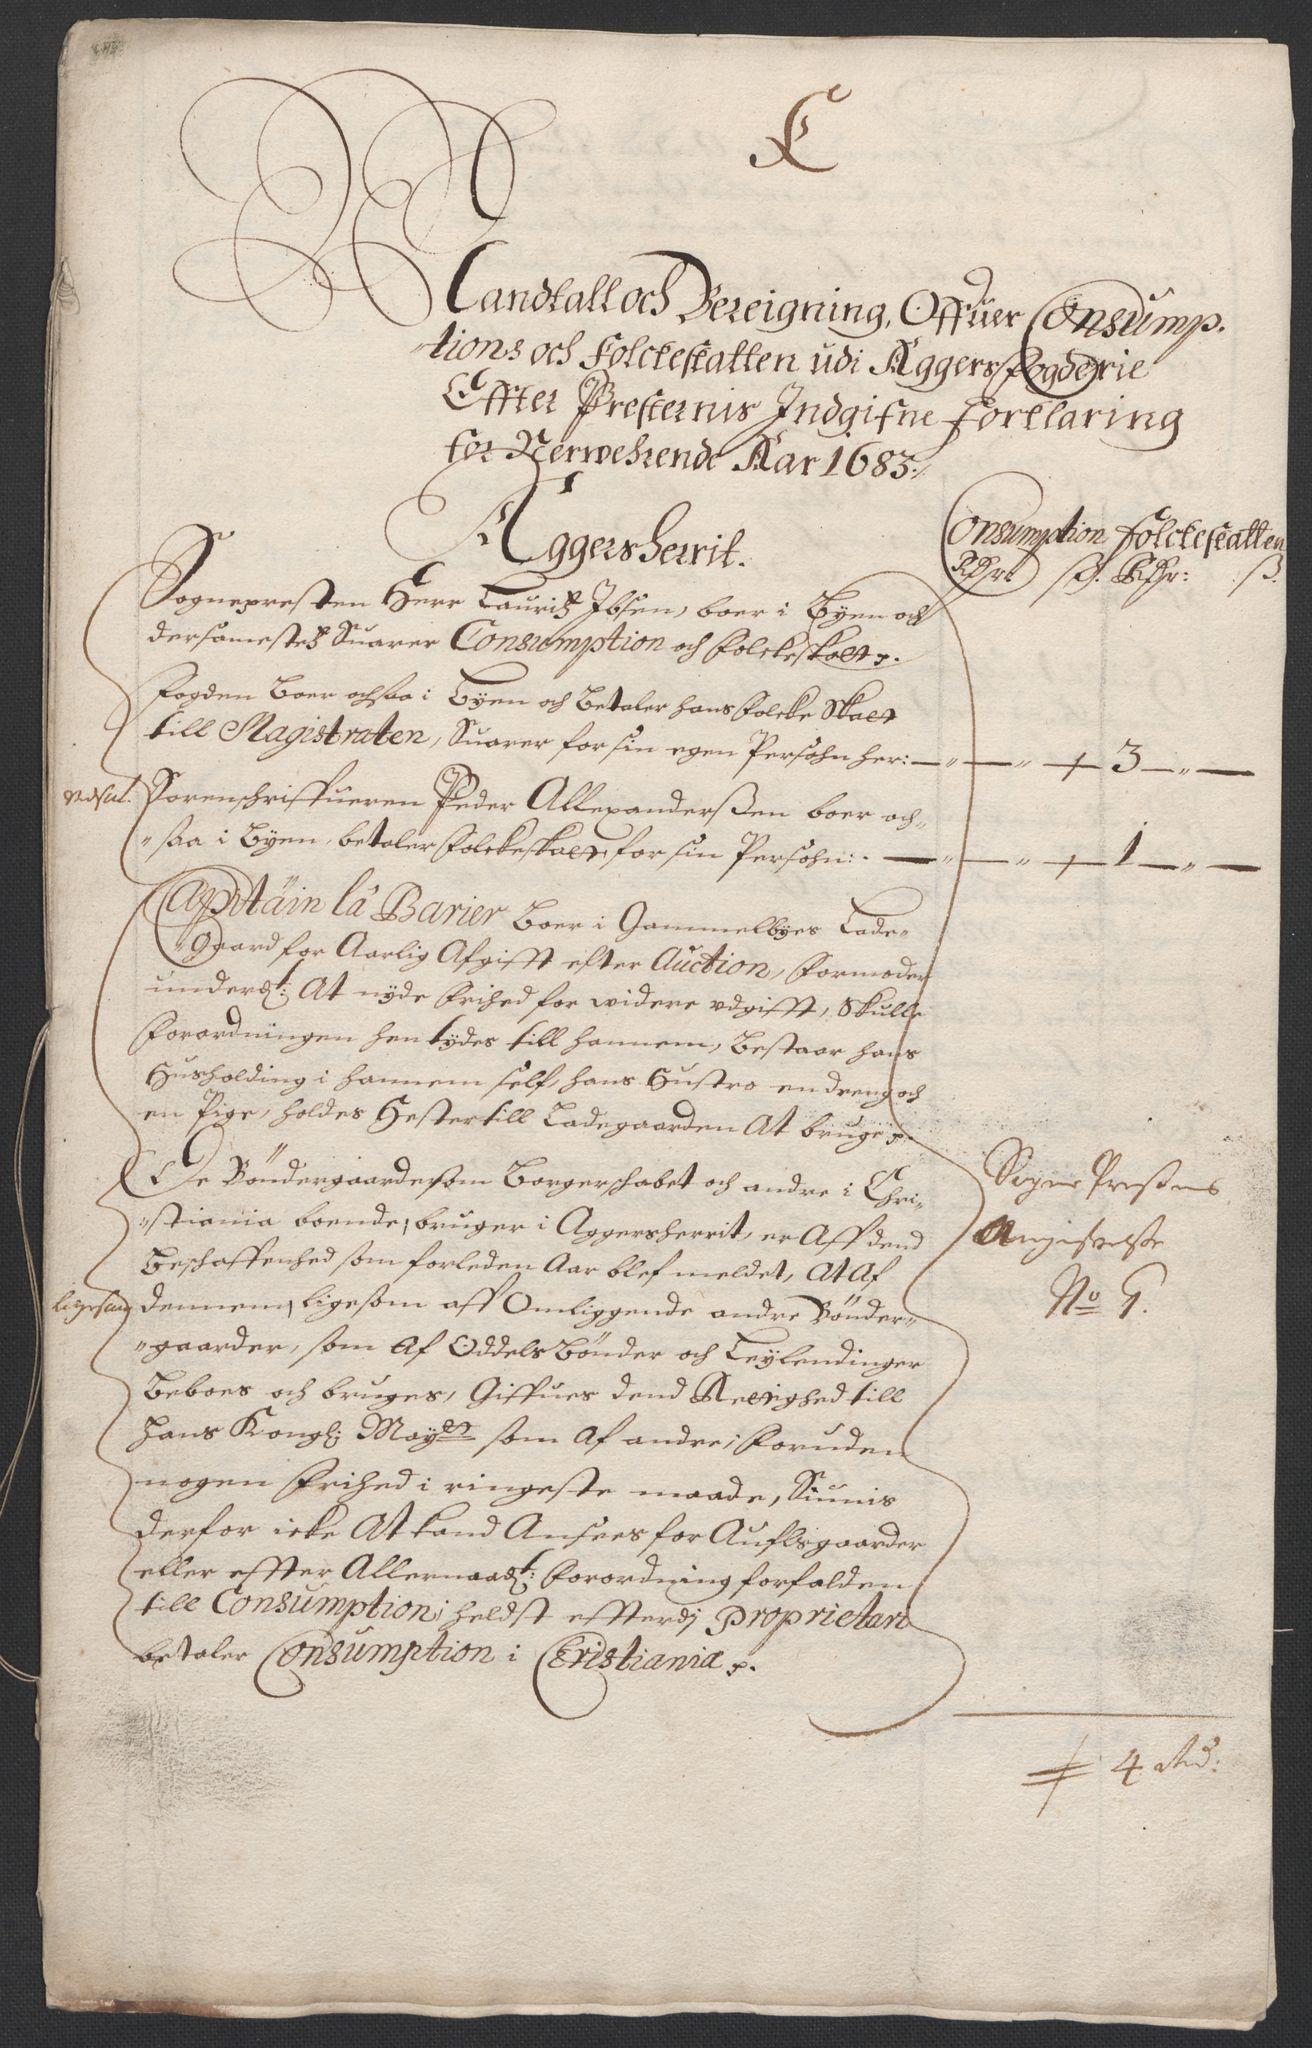 RA, Rentekammeret inntil 1814, Reviderte regnskaper, Fogderegnskap, R08/L0420: Fogderegnskap Aker, 1682-1691, s. 272